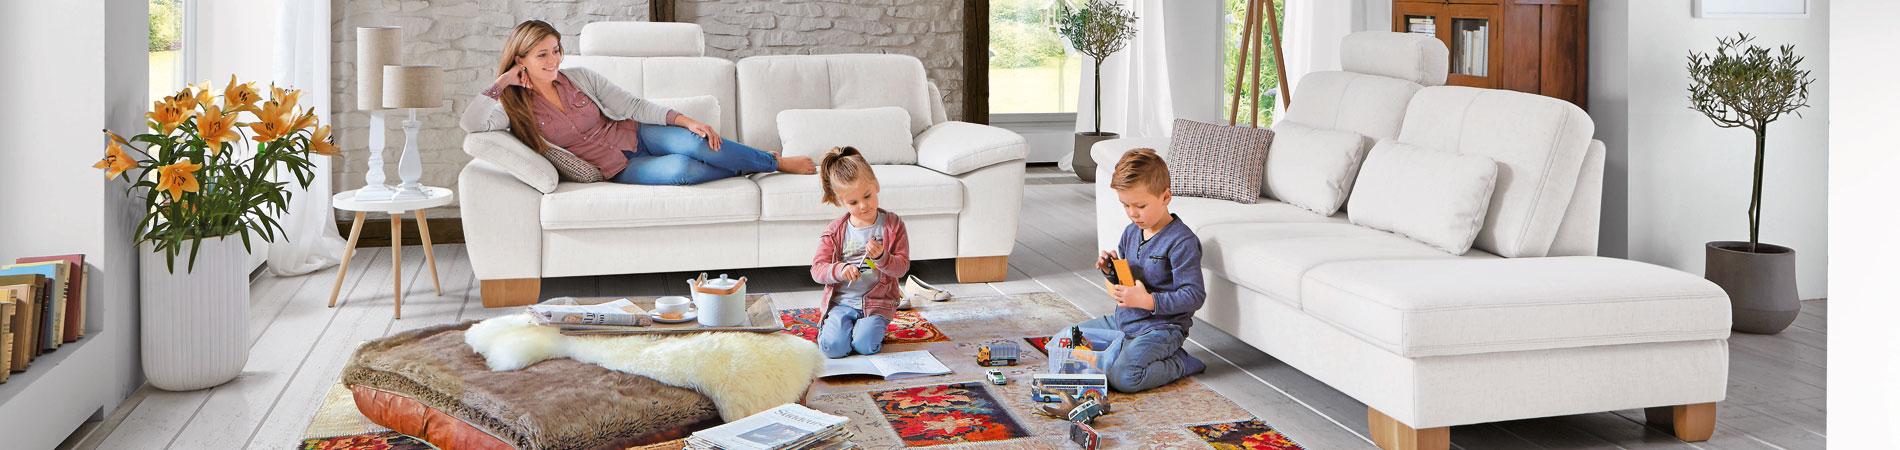 Polstergarnituren, Wohnlandschaften, Sofas und Couches: bei Prima Möbel Lobenstein immer günstig, in großer Auswahl an Formen und Material, mit vielen Funktionen und Zubehör